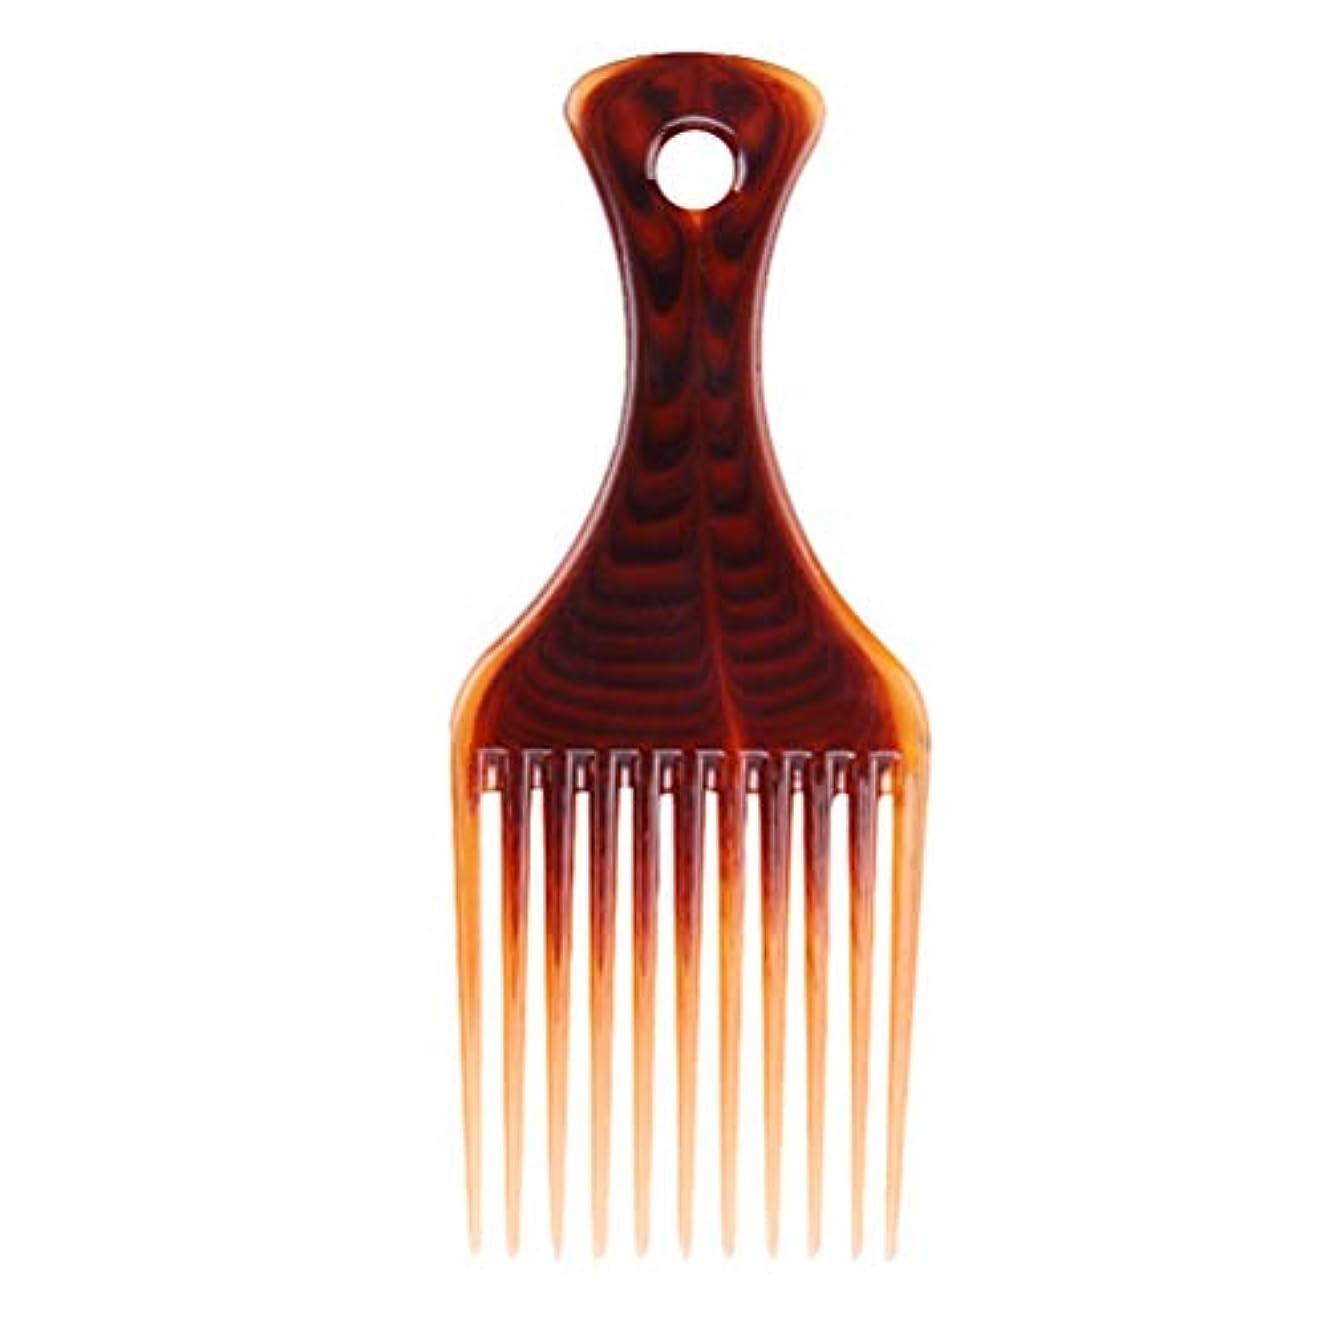 揃える病な温度Healifty プラスチック 櫛 ワイド トゥースコーム サロン理容理髪ブラシ ヘアフォークコーム (コーヒー)